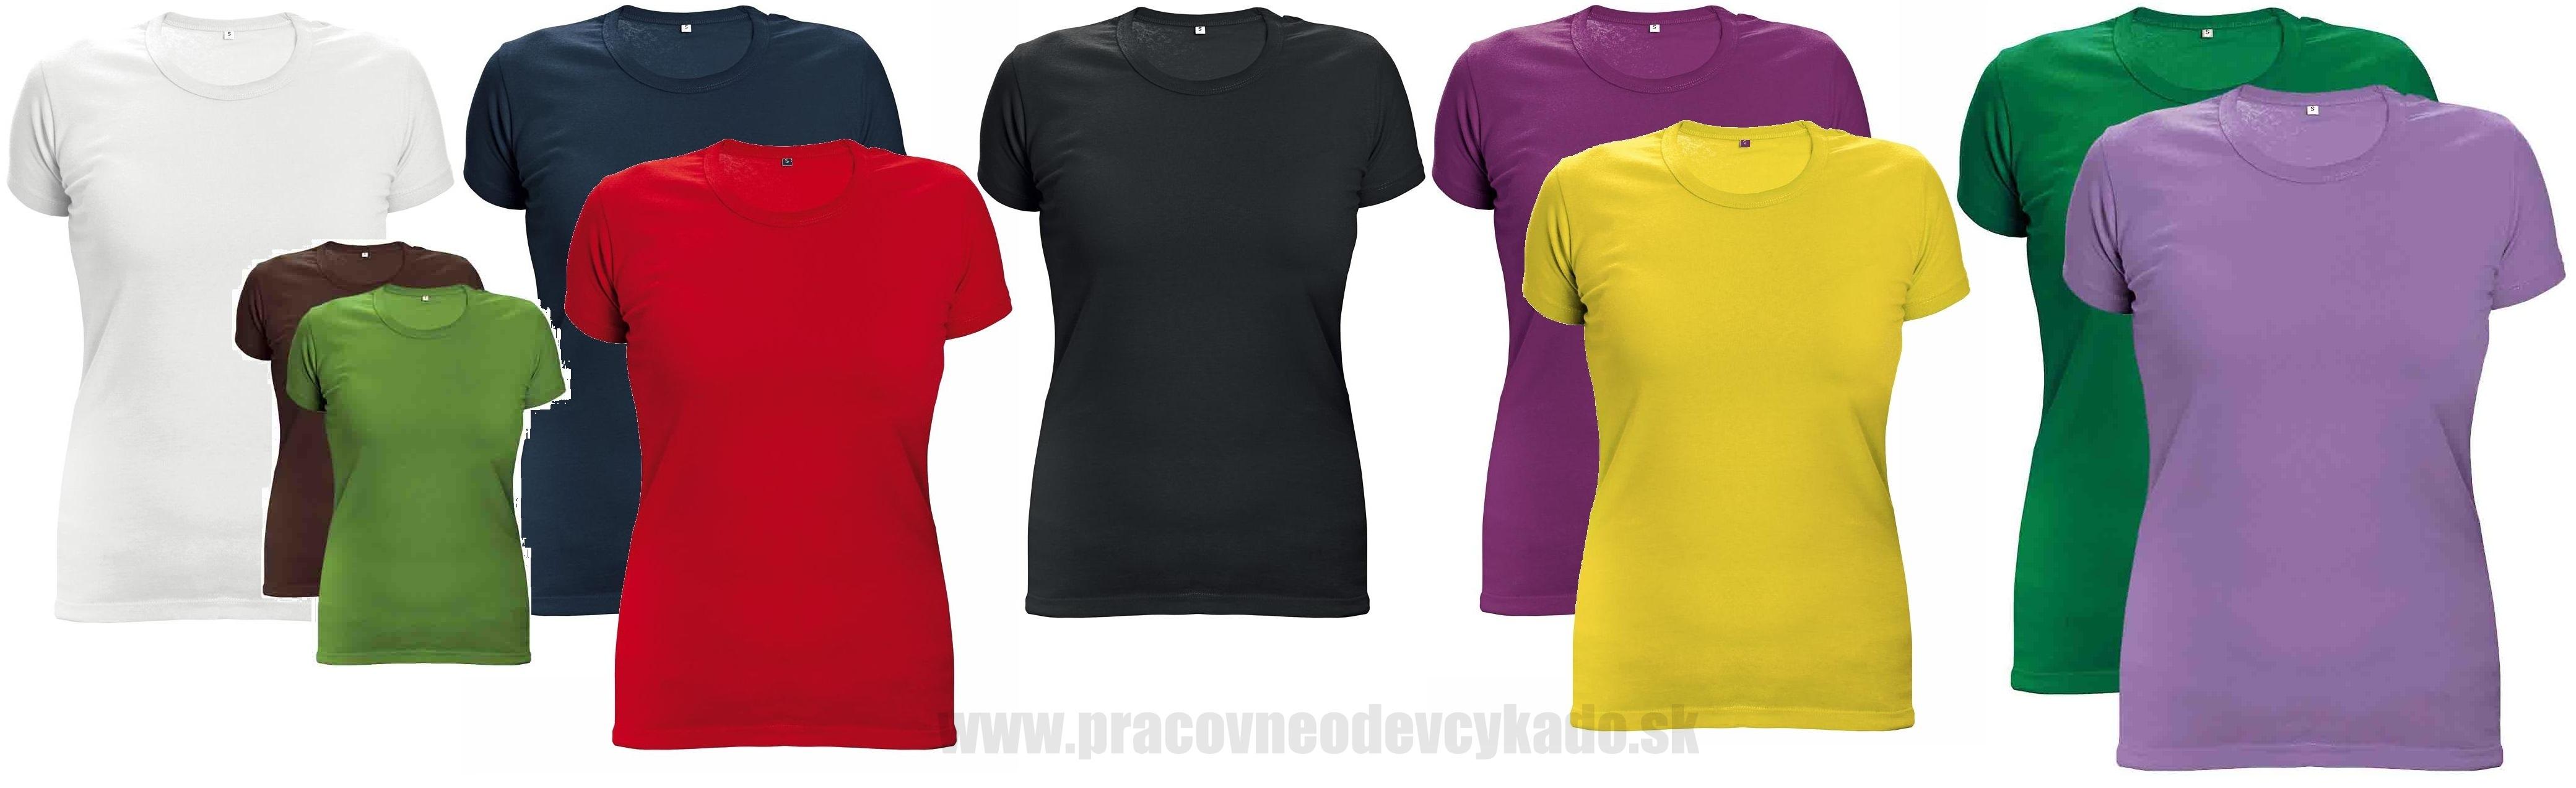 9cf69810ae94c Dámske tričko SURMA LADY ČERVA 170g | PRACOVNÉ ODEVY KADO, pracovná ...